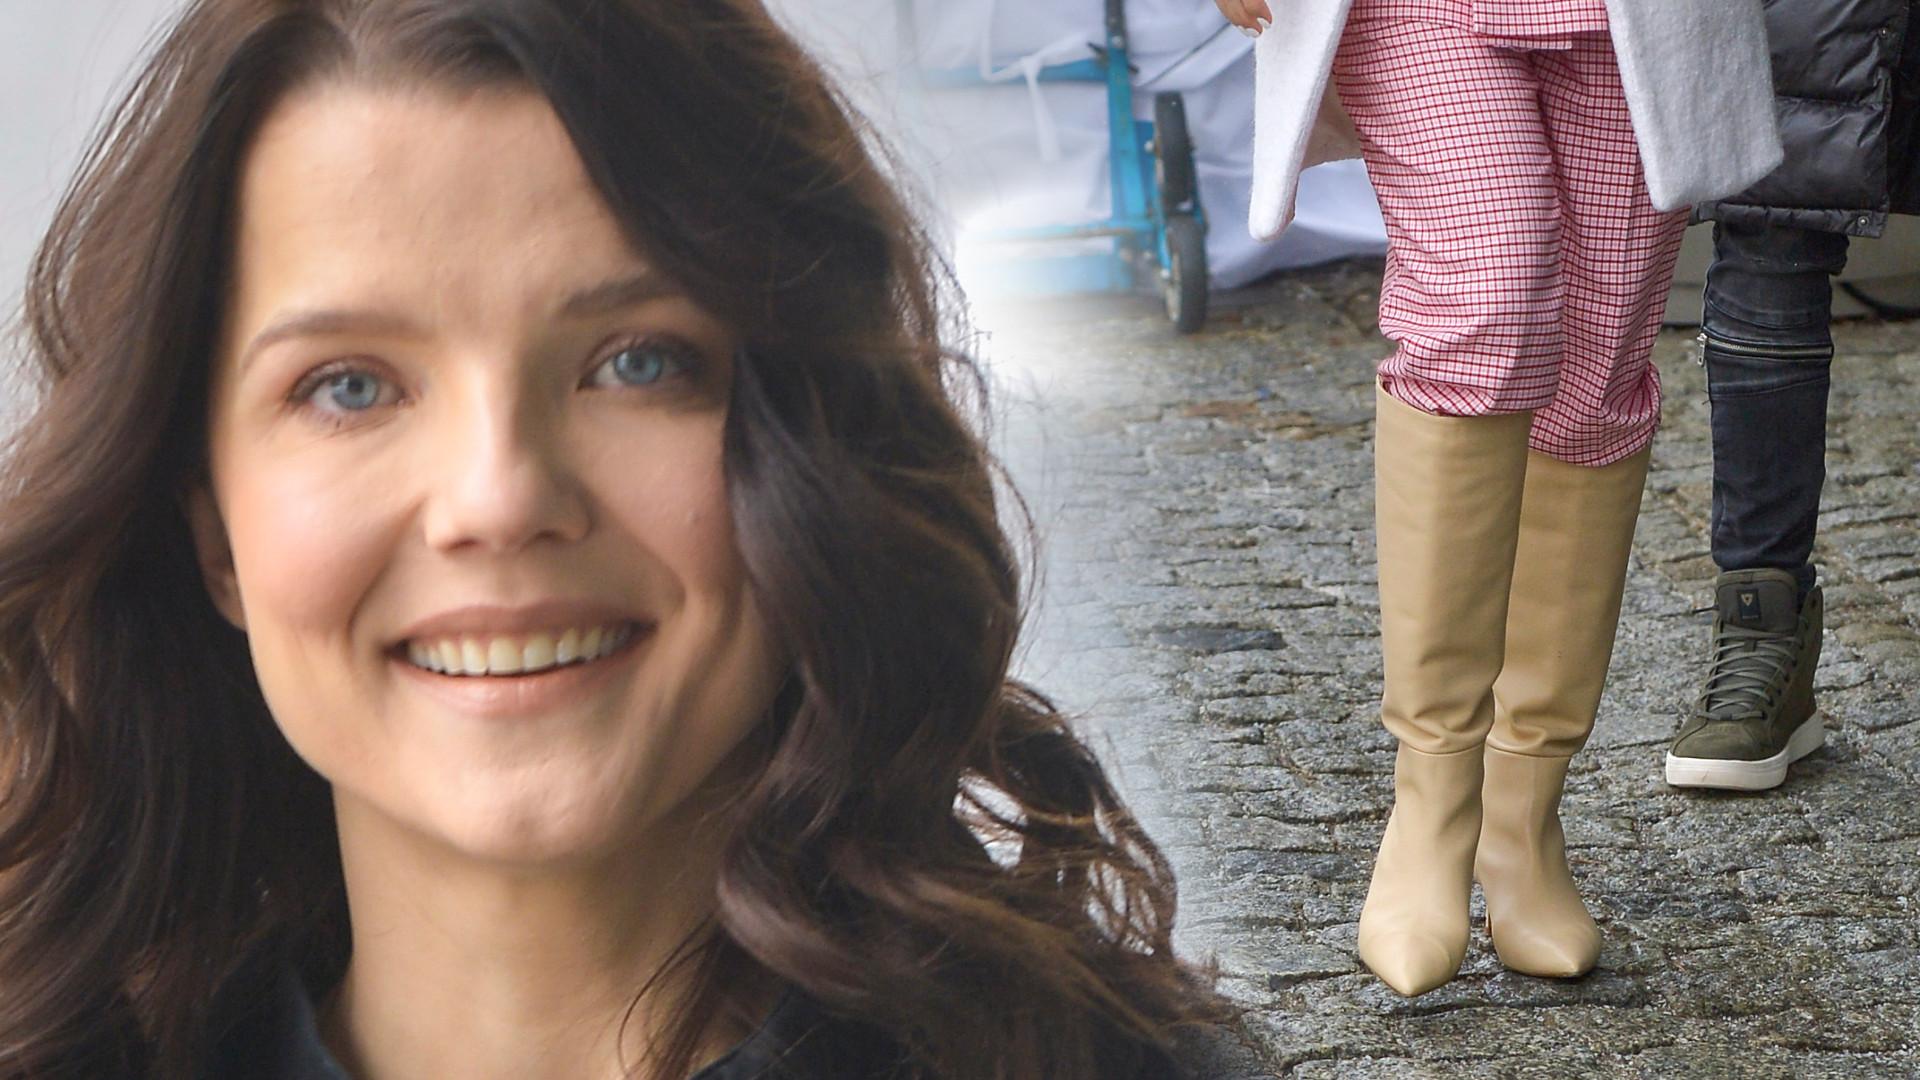 Gwiazdy DD TVN: Joanna Jabłczyńska w skromnej stylizacji, za to jedna z aktorek w kolorowym garniturze (ZDJĘCIA)